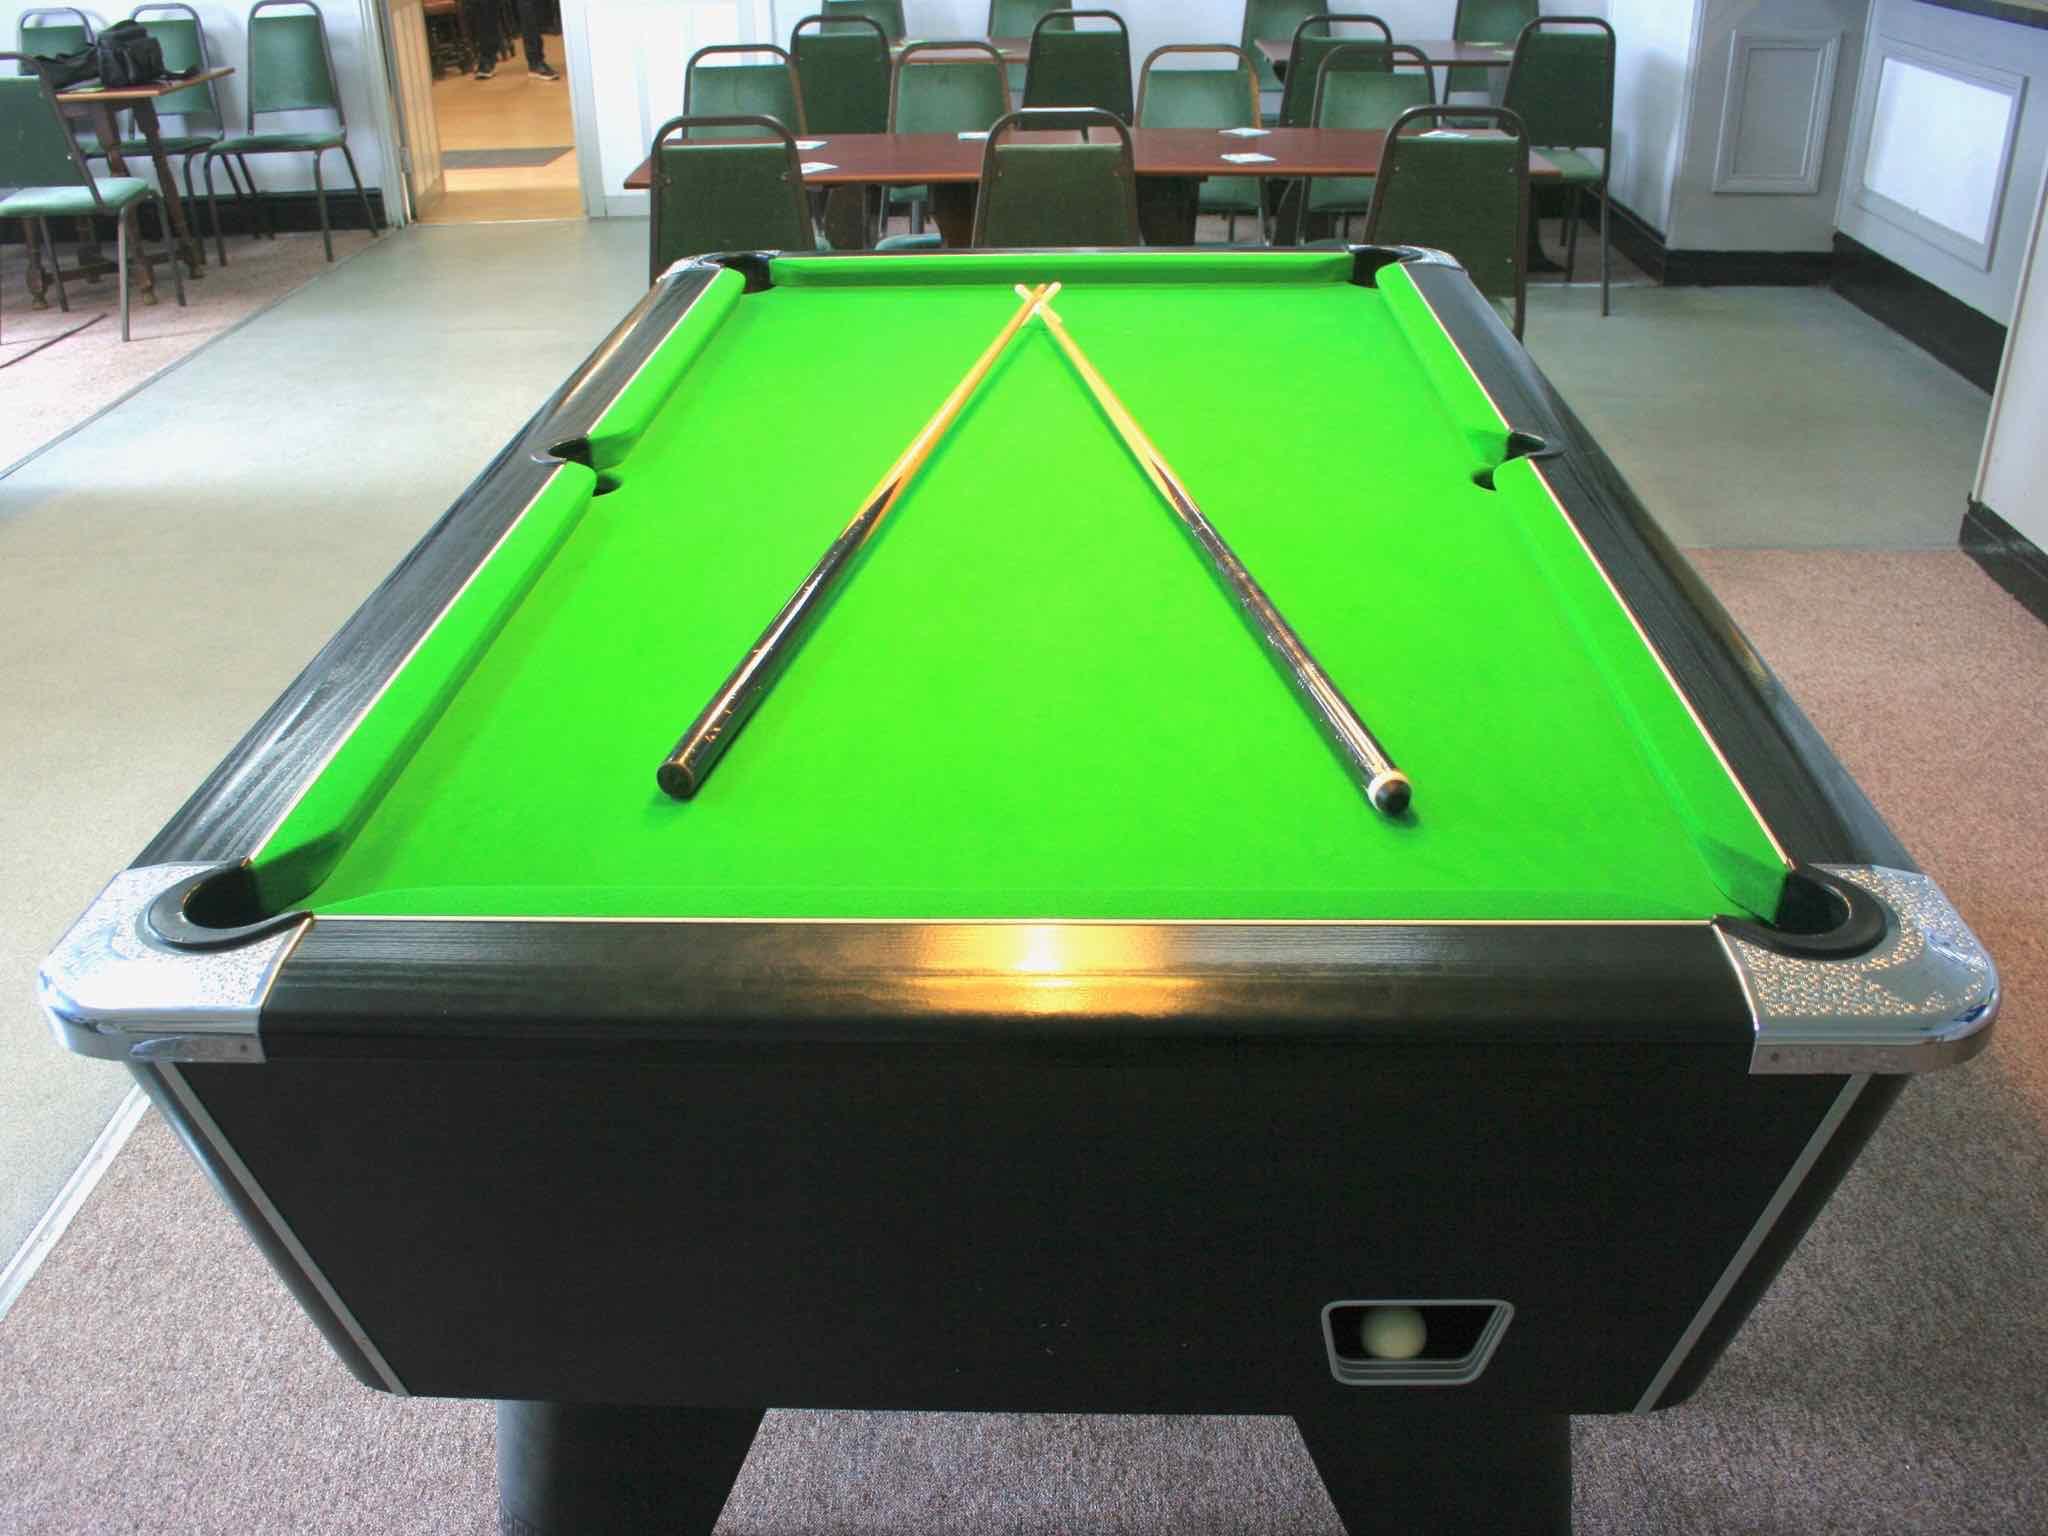 Pool Table at Gwersyllt Sports & Social Club